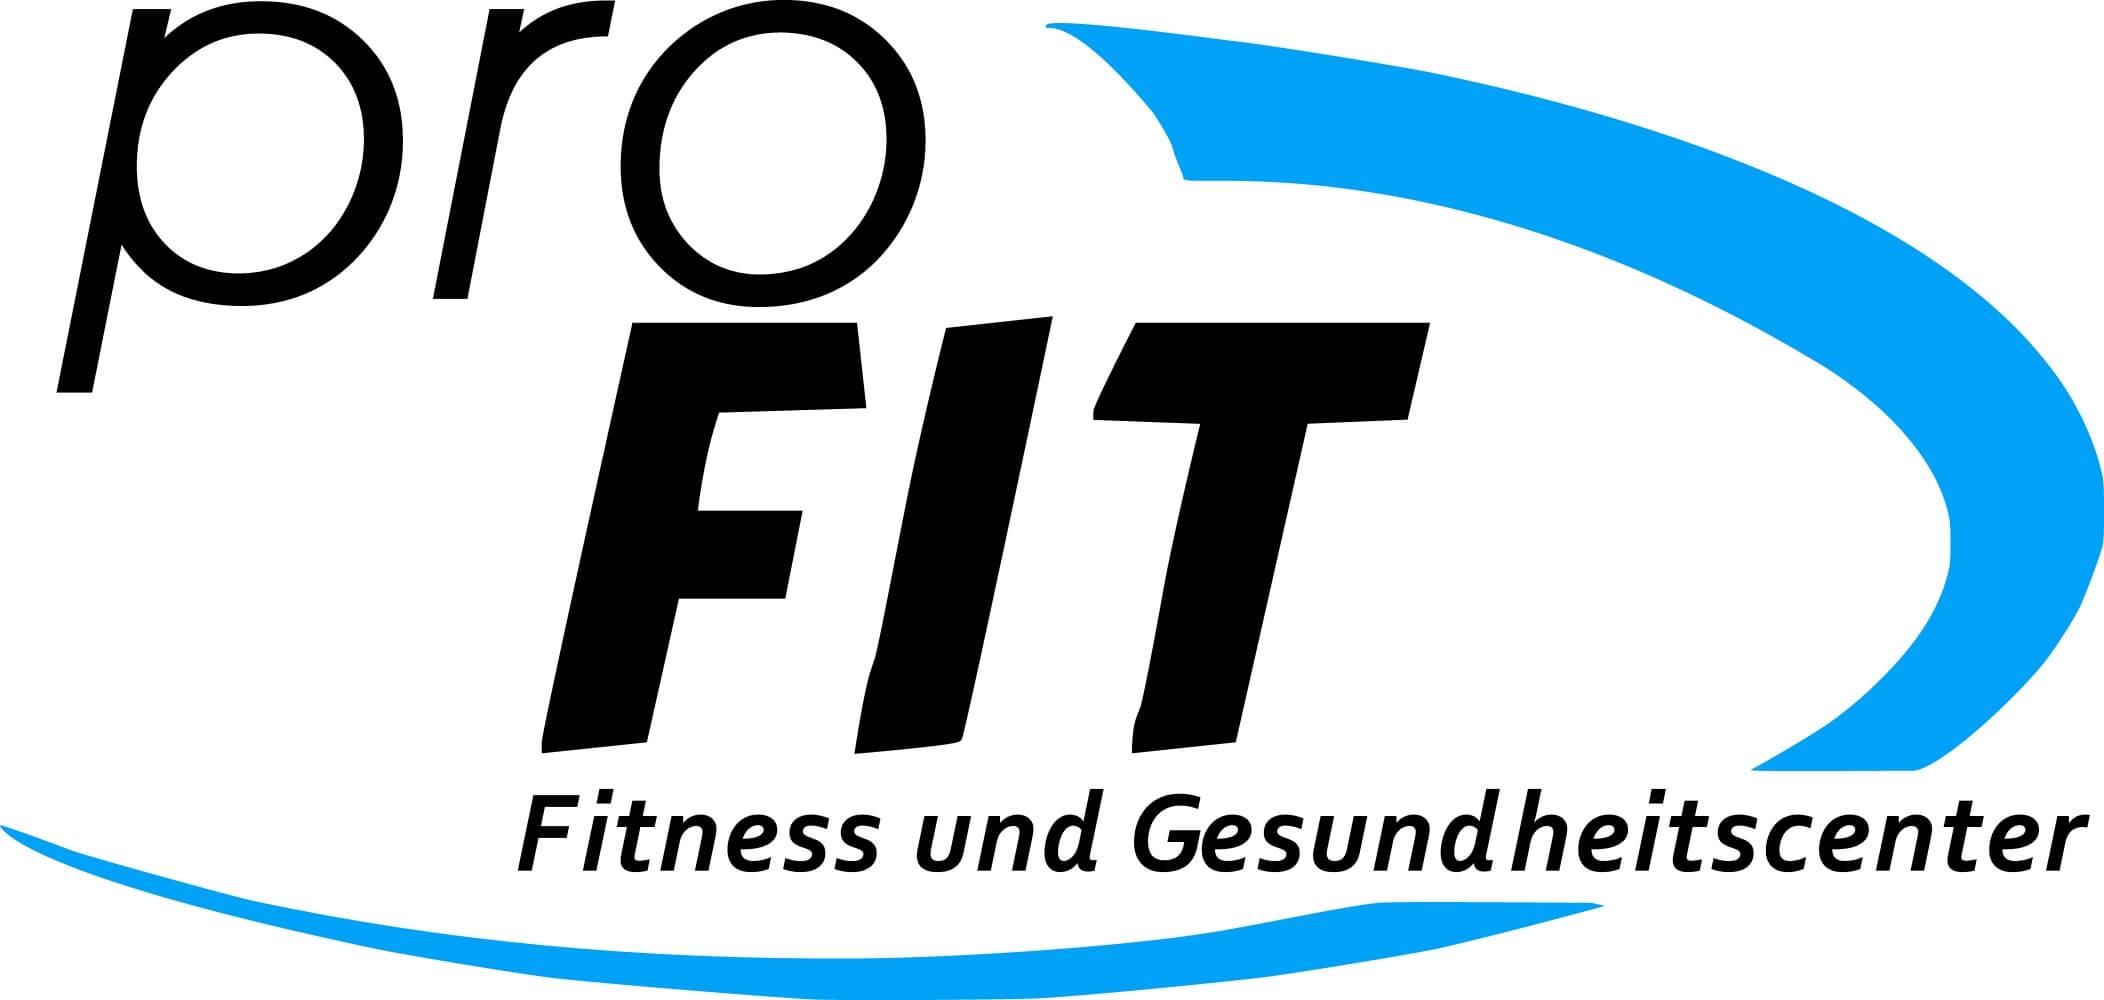 Logo komprimiert